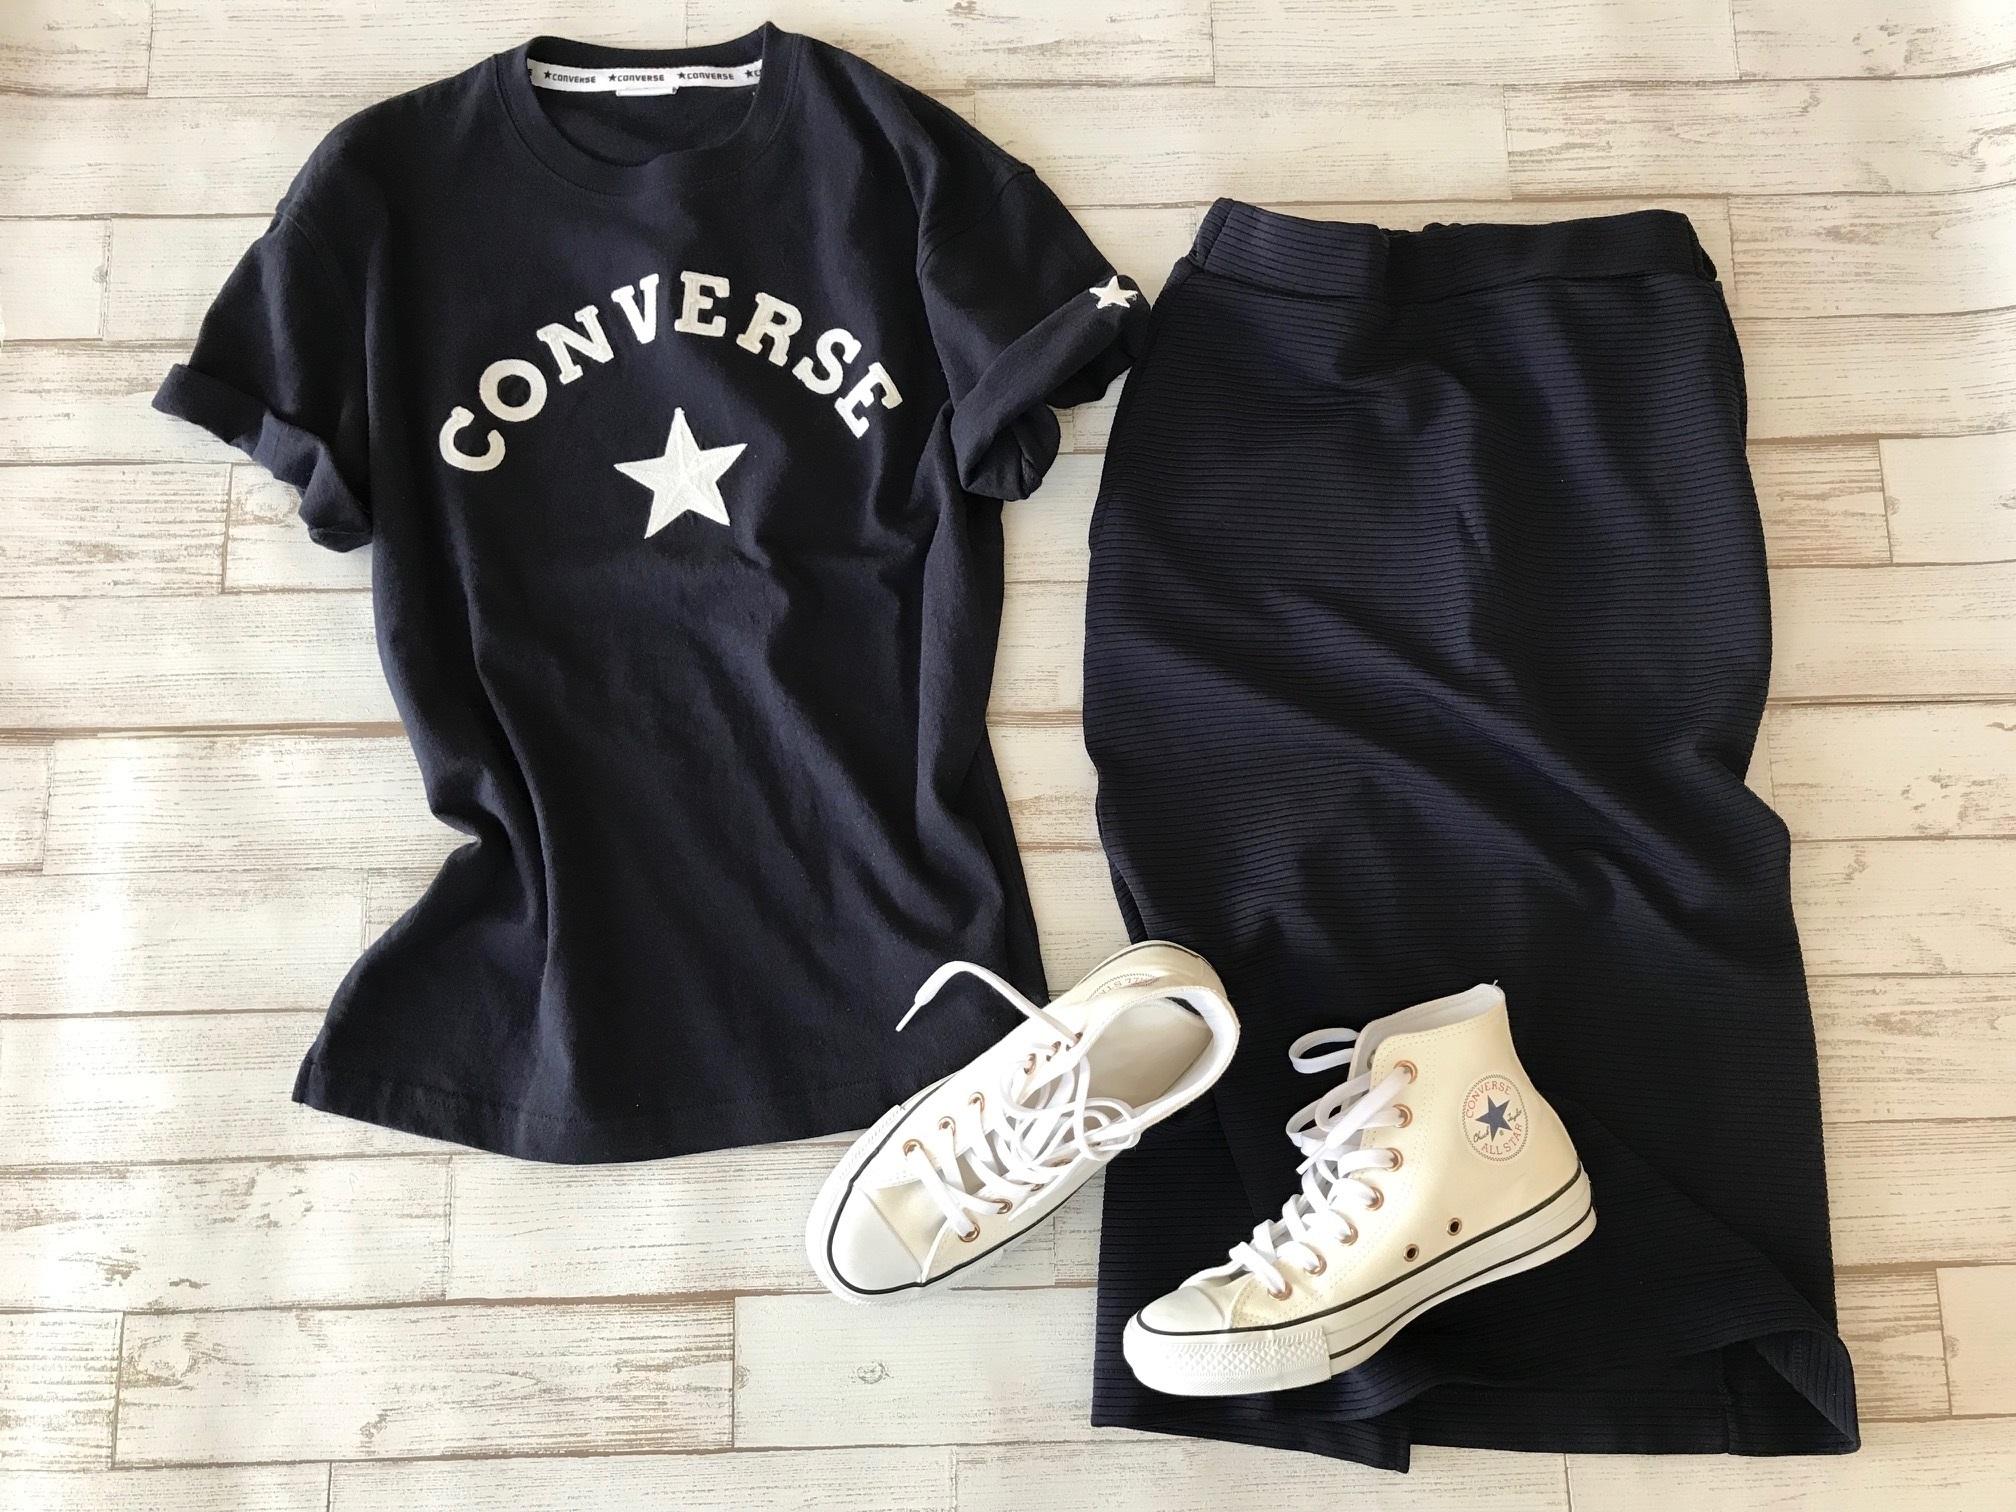 白コンバースのハイカットスニーカー×コンバースTシャツ&スカートのファッションコーデ